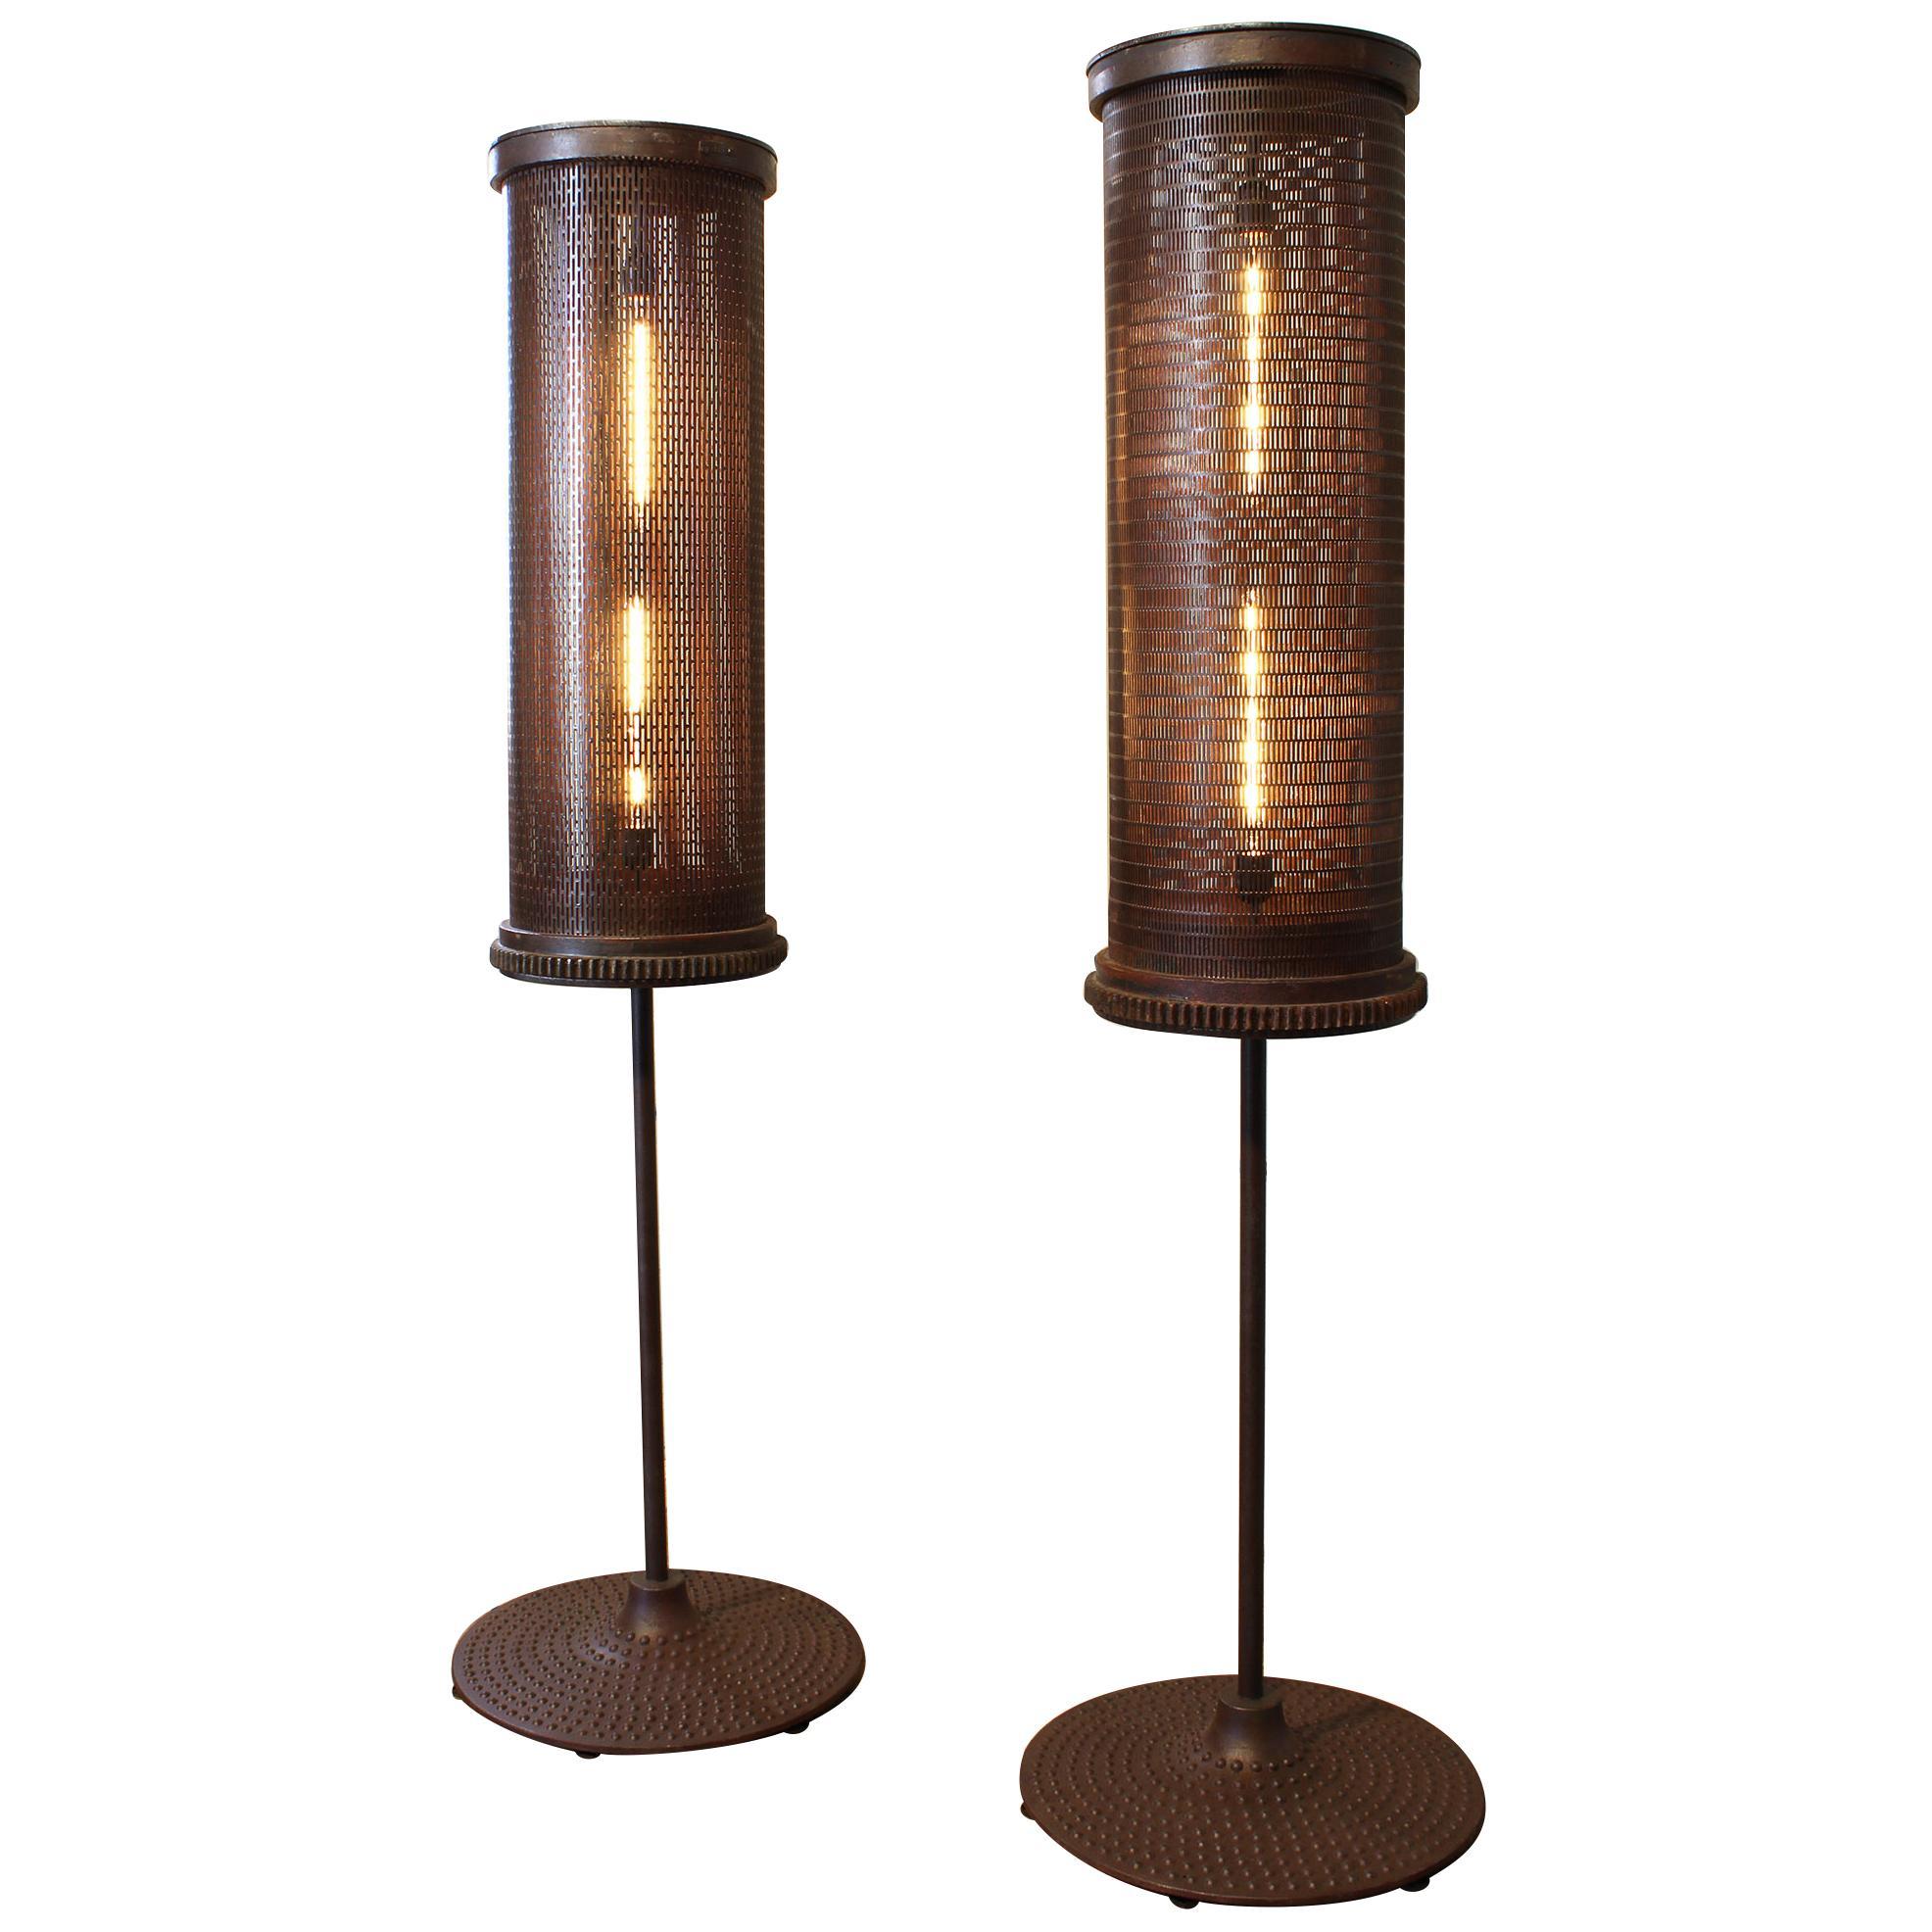 6' Industrial Floor Lamps